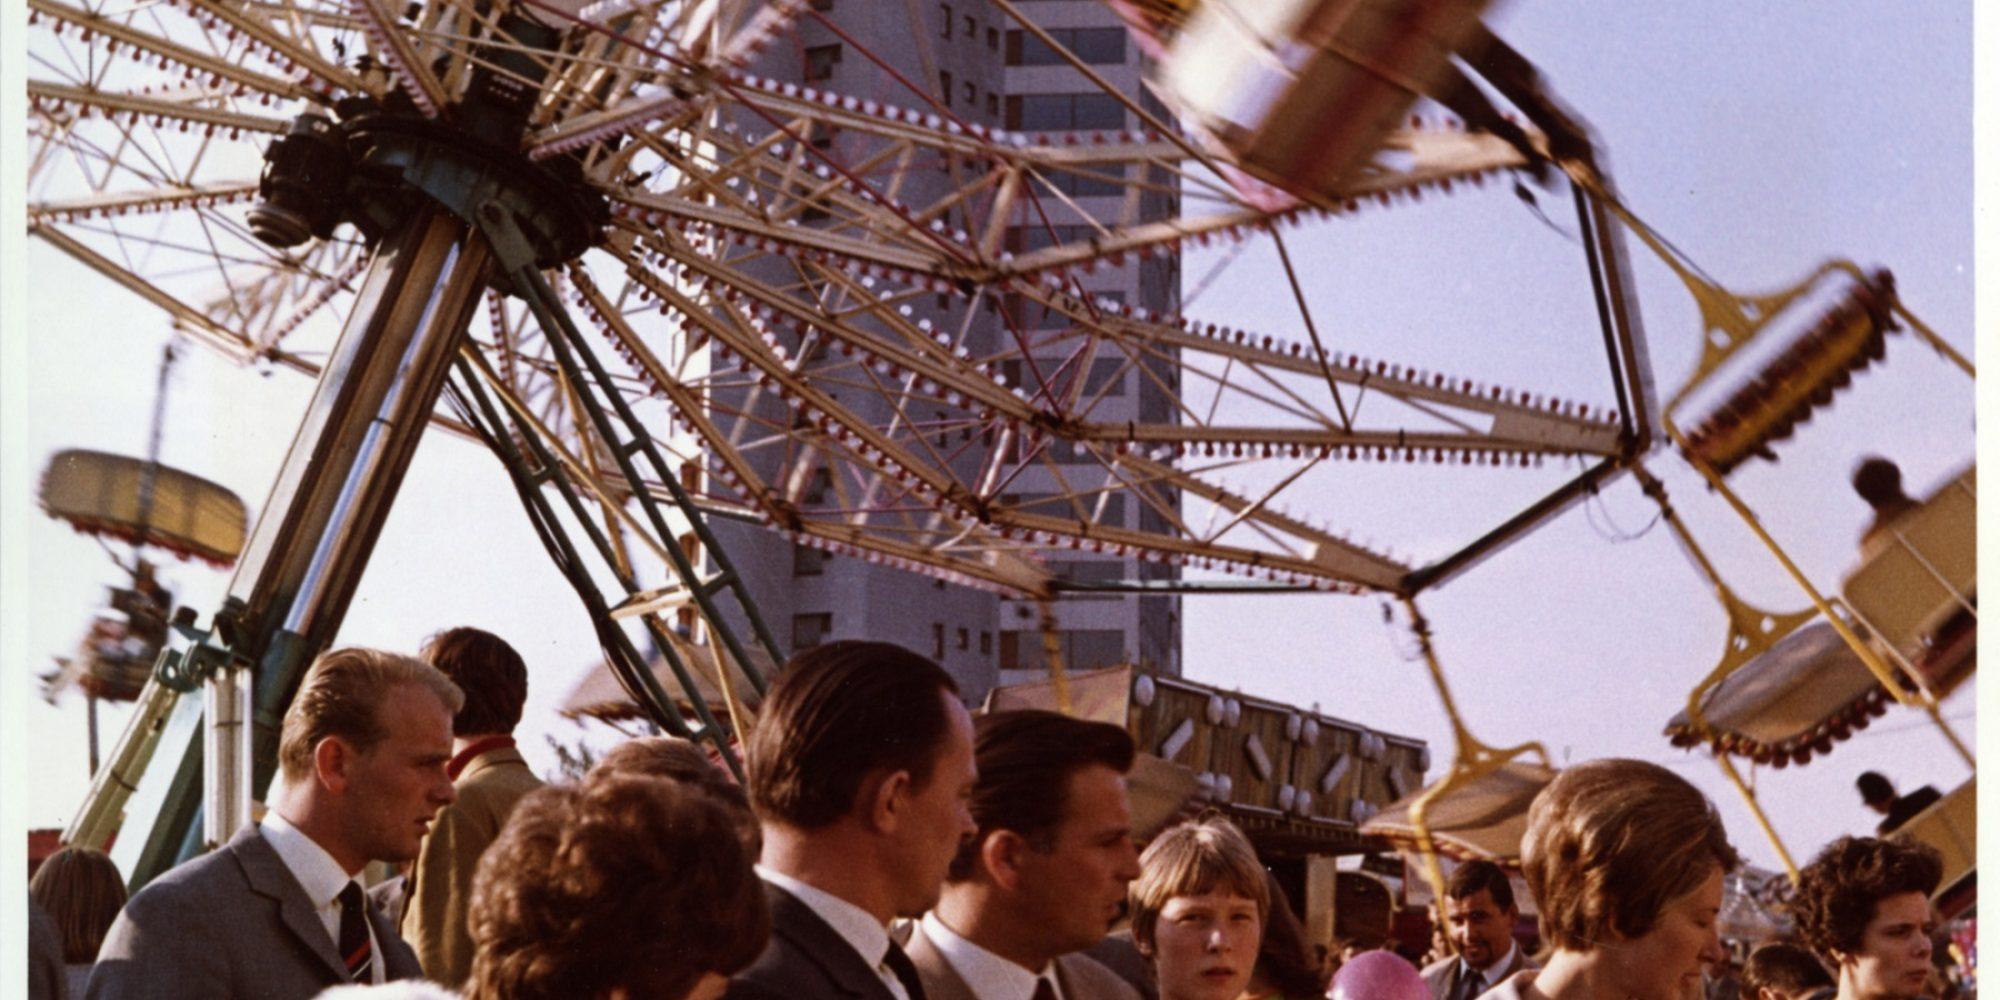 Neue Vahr Bremen, Max Säume, Günter Hafemann, Ernst May, Hans Bernhard Reichow, Alvar Aalto, Wolfgang Bilau, Hans Albrecht Schilling (Farbgestaltung); Karl-August Orf (Landschafts-architektur), 1957-1962, Foto: Franz Scheper © Hamburgisches Architekturarchiv